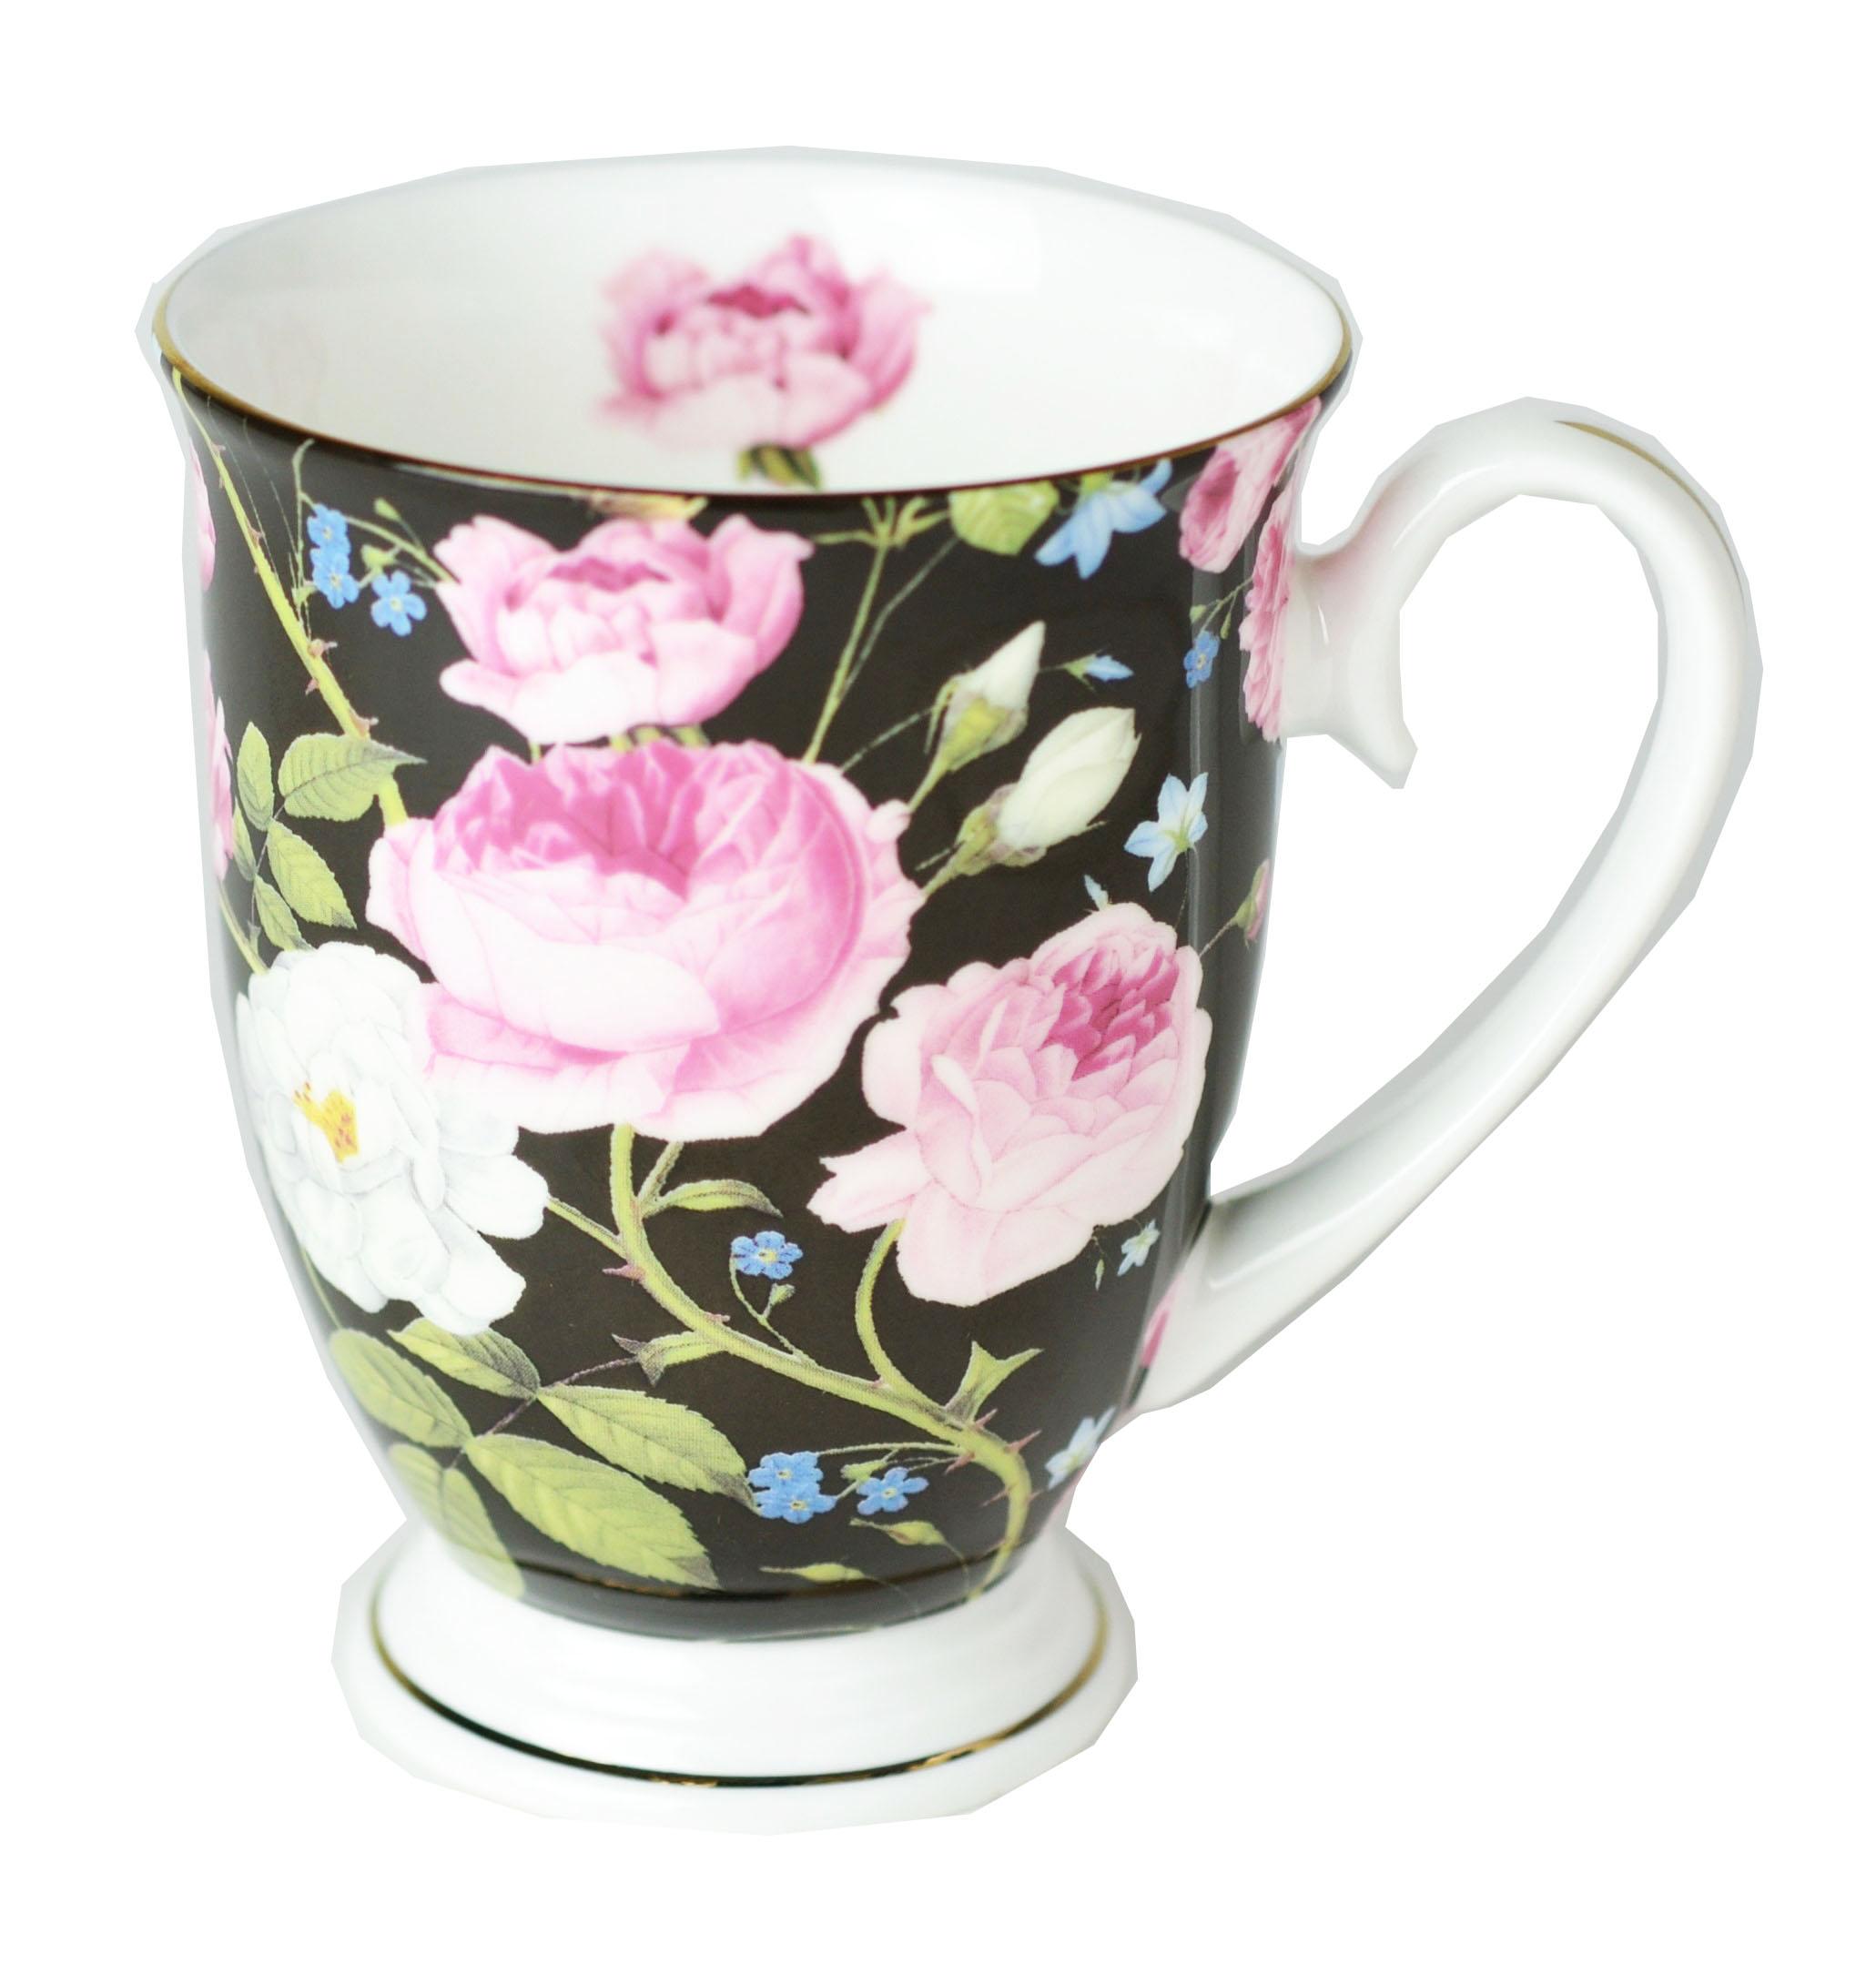 【ロイヤルアーデン】 ボーンチャイナマグカップ <br>No.37472